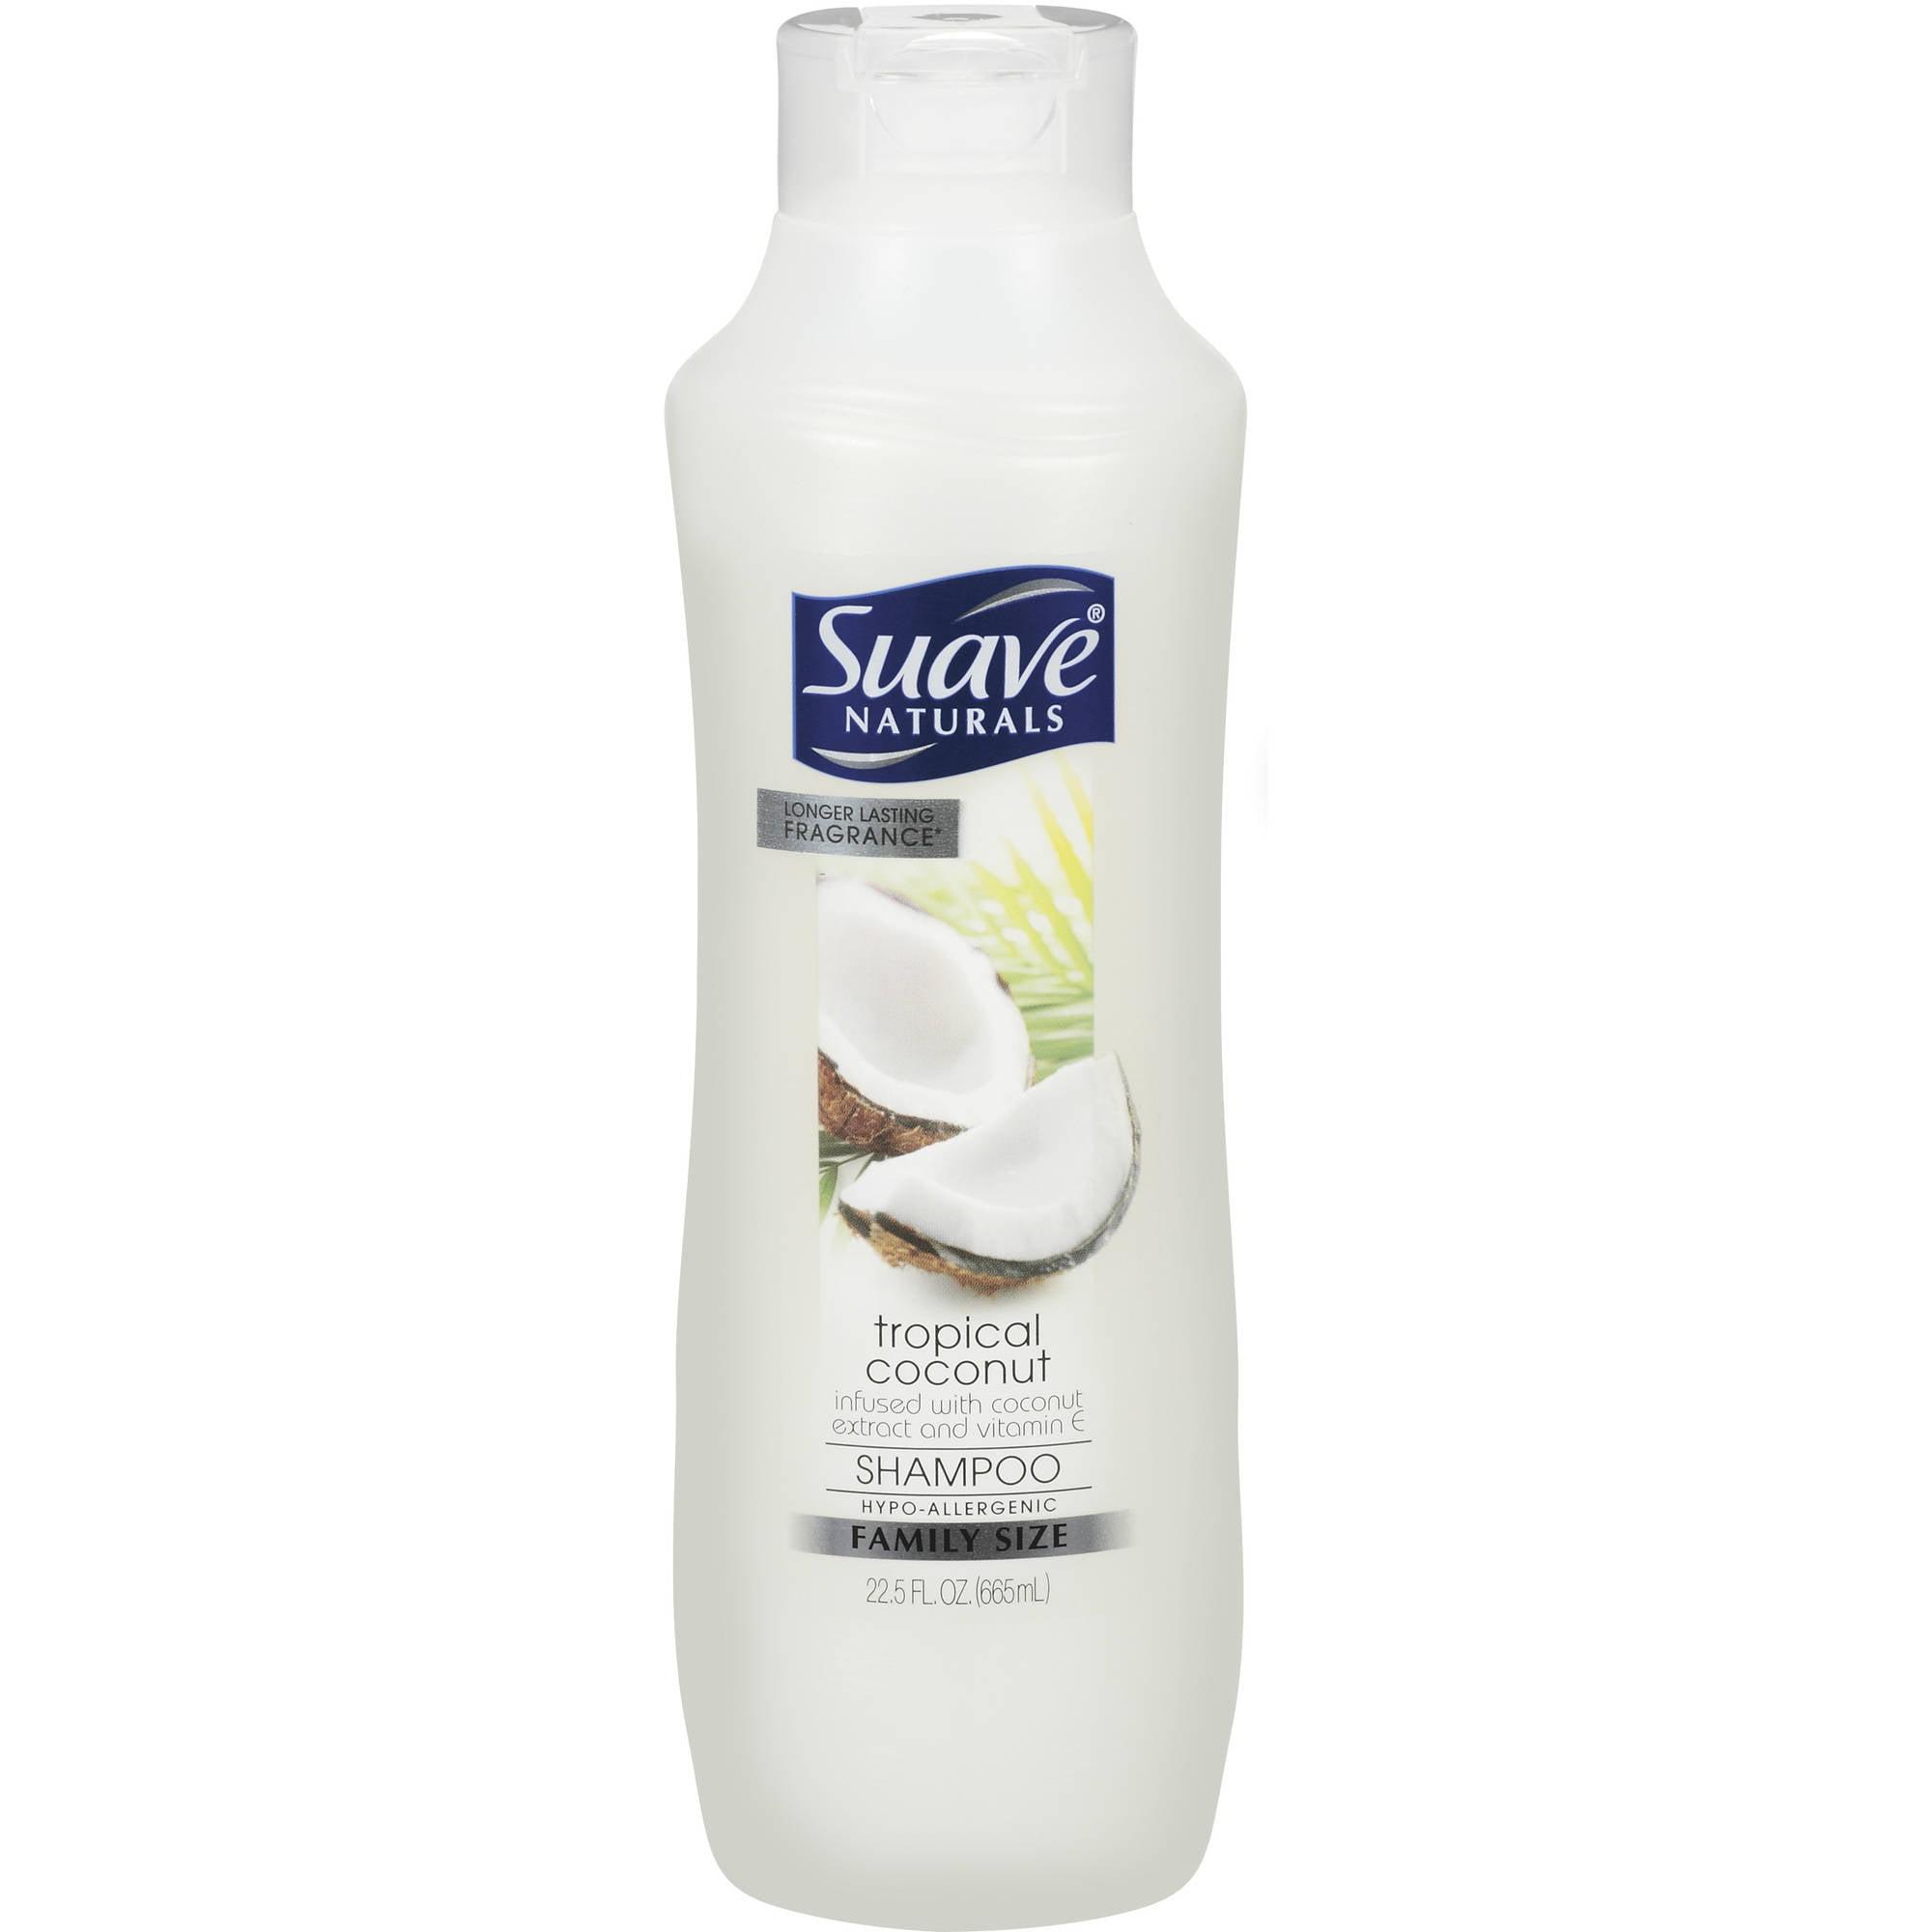 Suave Naturals Tropical Coconut w/Coconut Extract & Vitamin E Shampoo, 22.5 oz